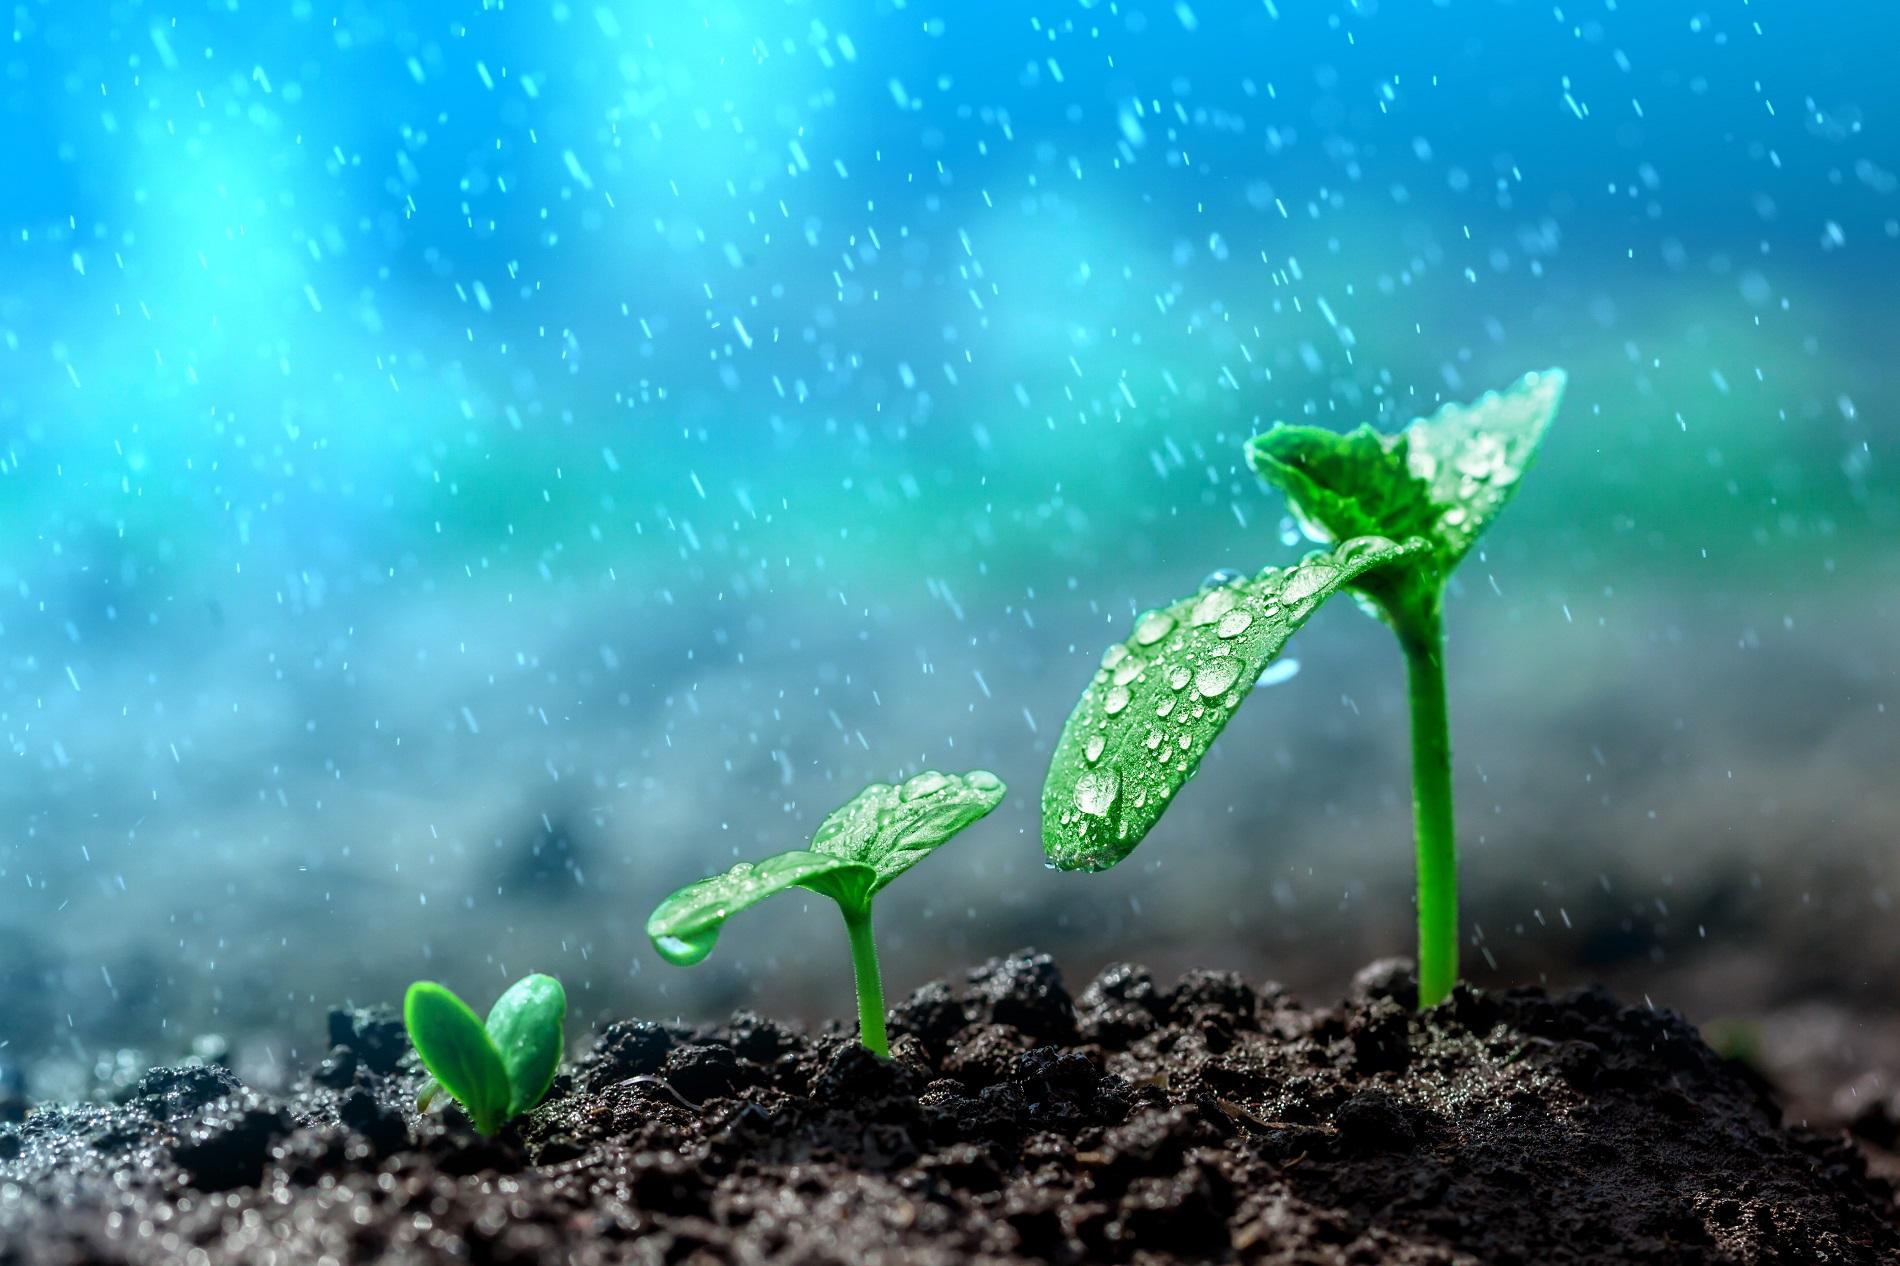 Buenas prácticas agrícolas: Condiciones ambientales en la aplicación de fitosanitarios